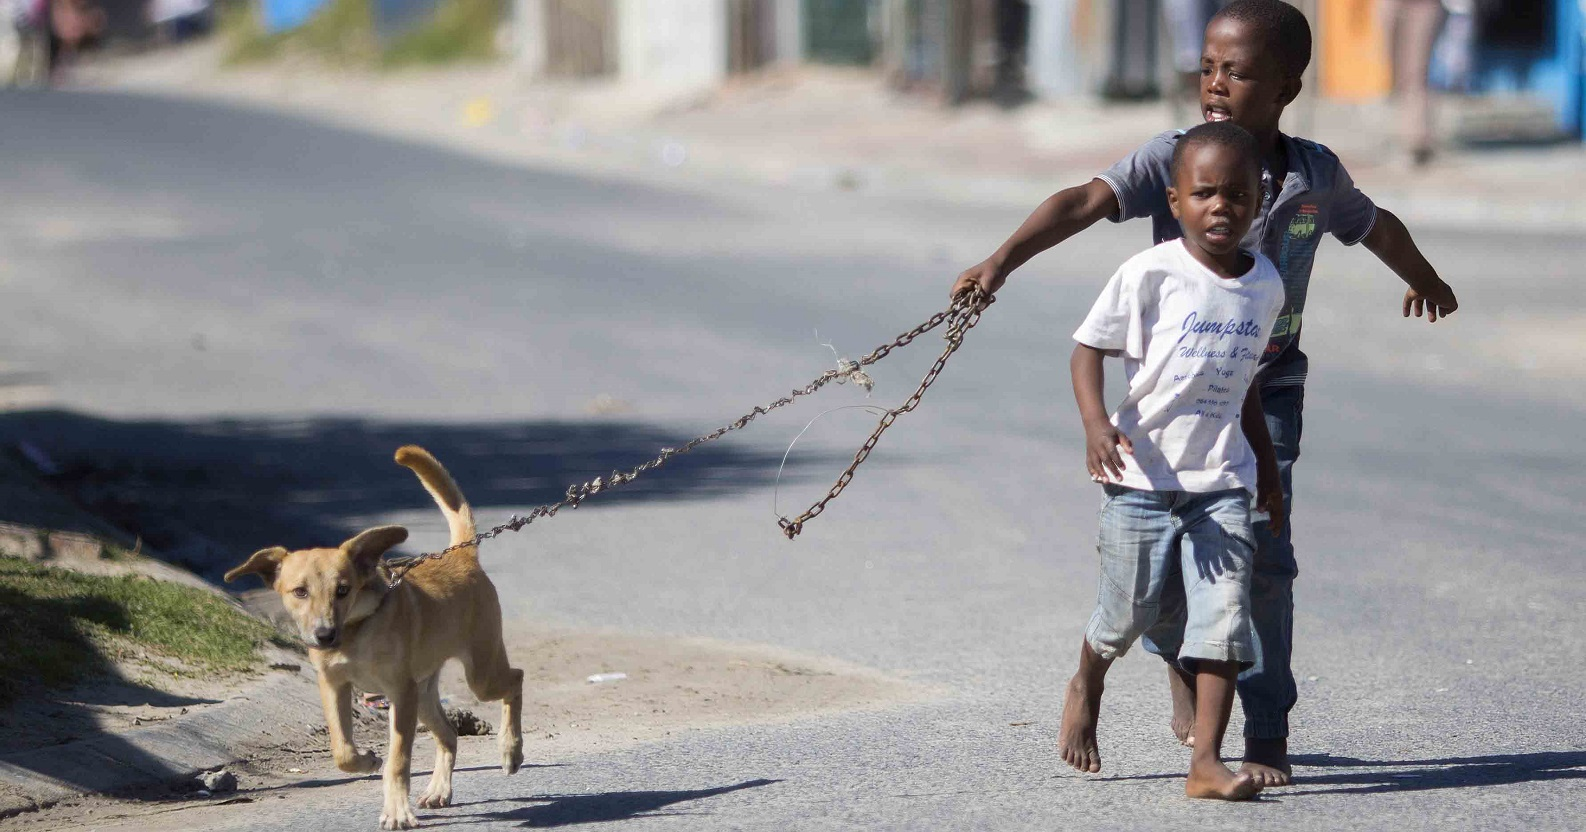 Mobile clinic for pets in South Africa - Welttierschutzgesellschaft e V